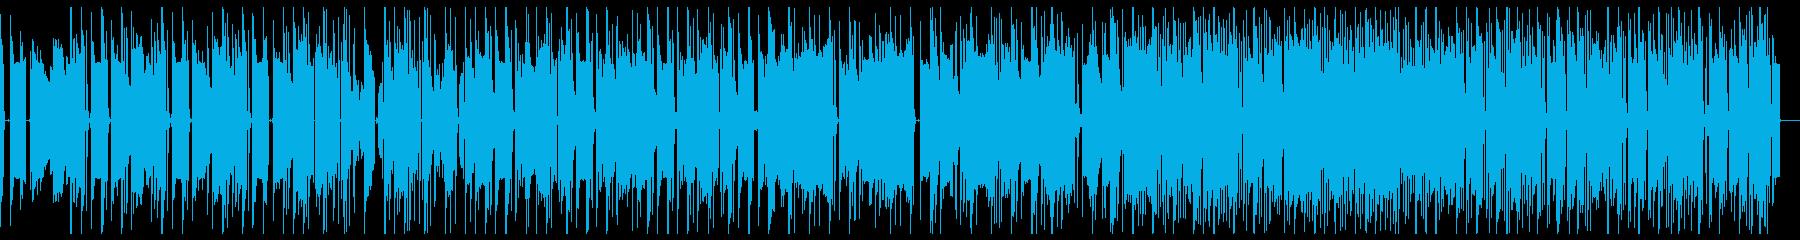 流行りの作業用ミュージック系の再生済みの波形